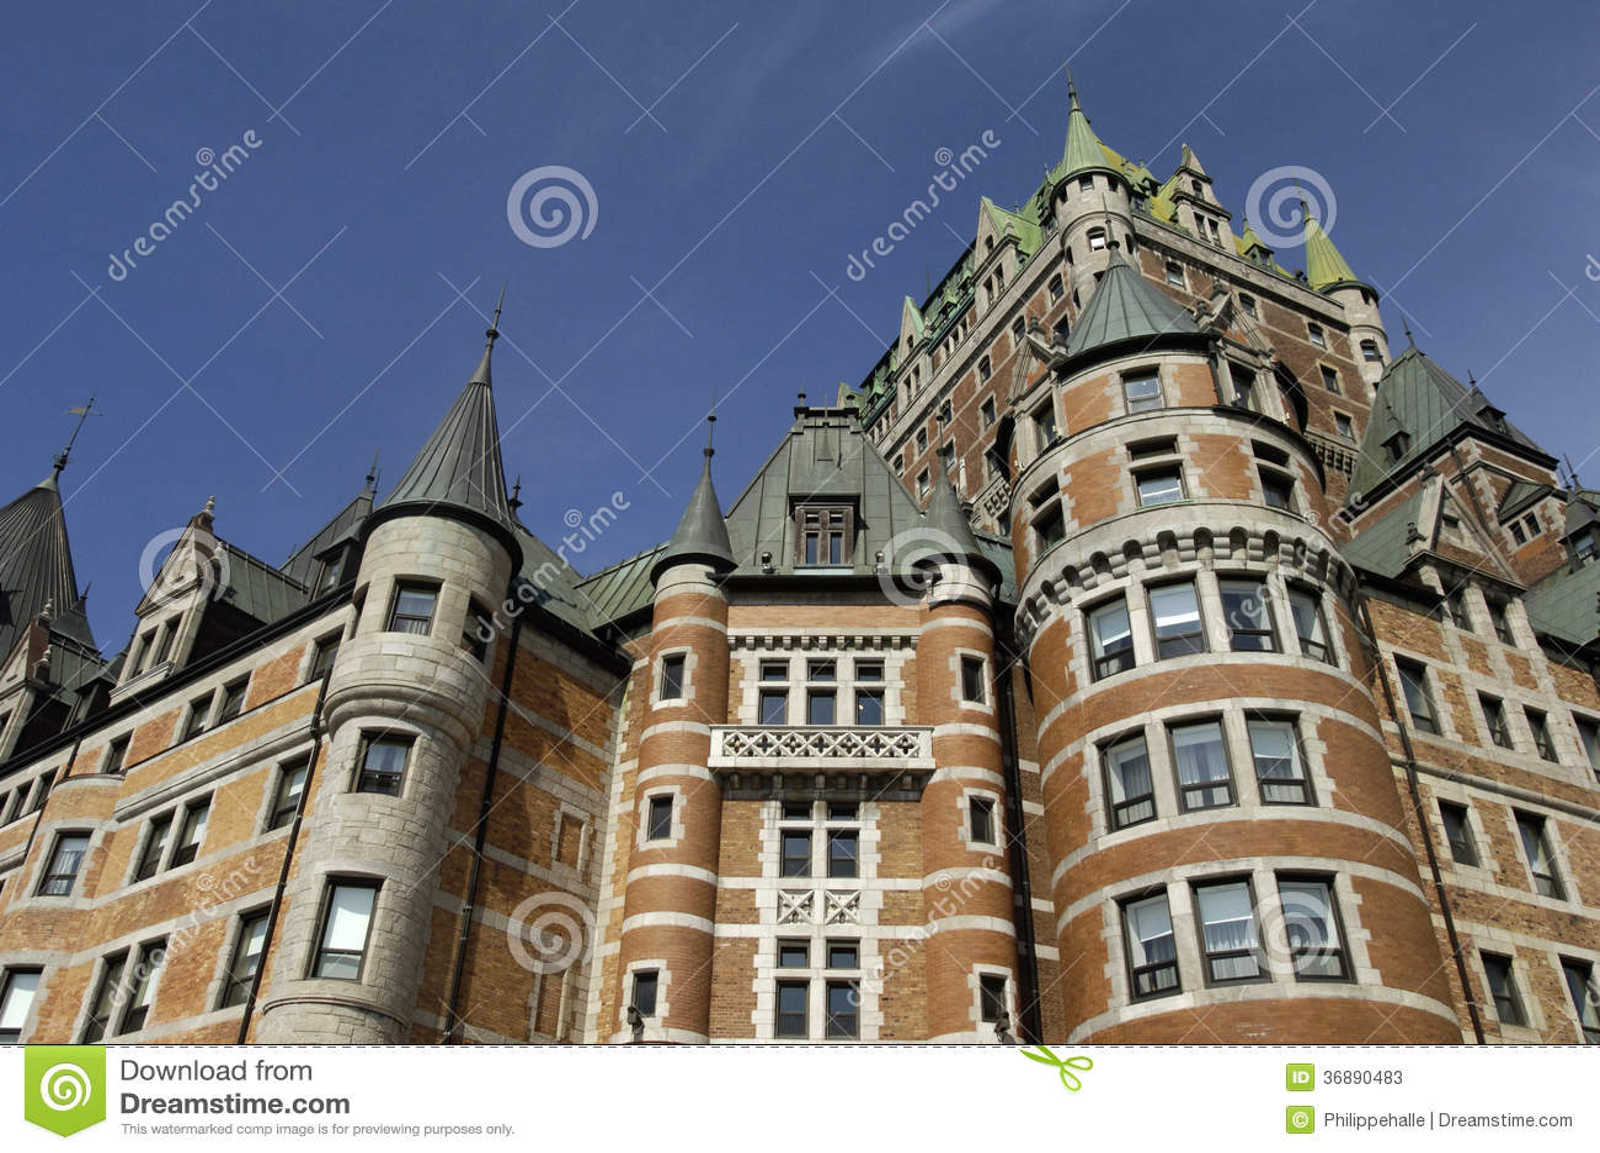 Download Le Chateau Frontenac Nella Città Della Quebec Immagine Stock - Immagine di eredità, facade: 36890483